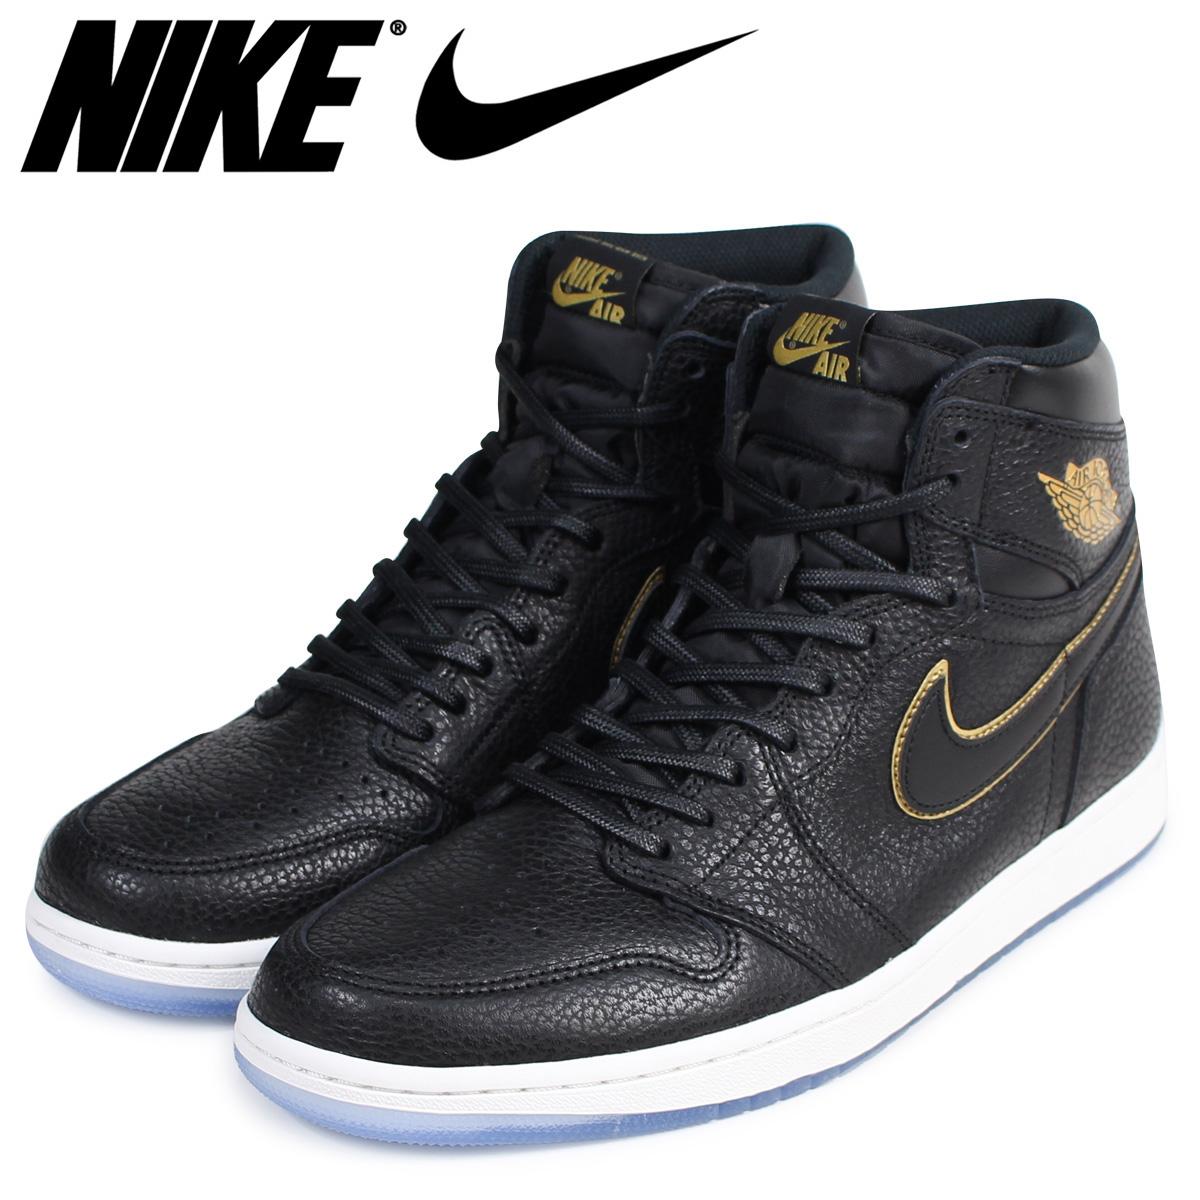 【国内配送】 NIKE ナイキ エアジョーダン1 レトロハイ スニーカー AIR 靴 JORDAN 1 AIR RETRO メンズ HIGH OG 555088-031 メンズ 靴 ブラック, ヒガシイチキチョウ:e494282b --- paulogalvao.com